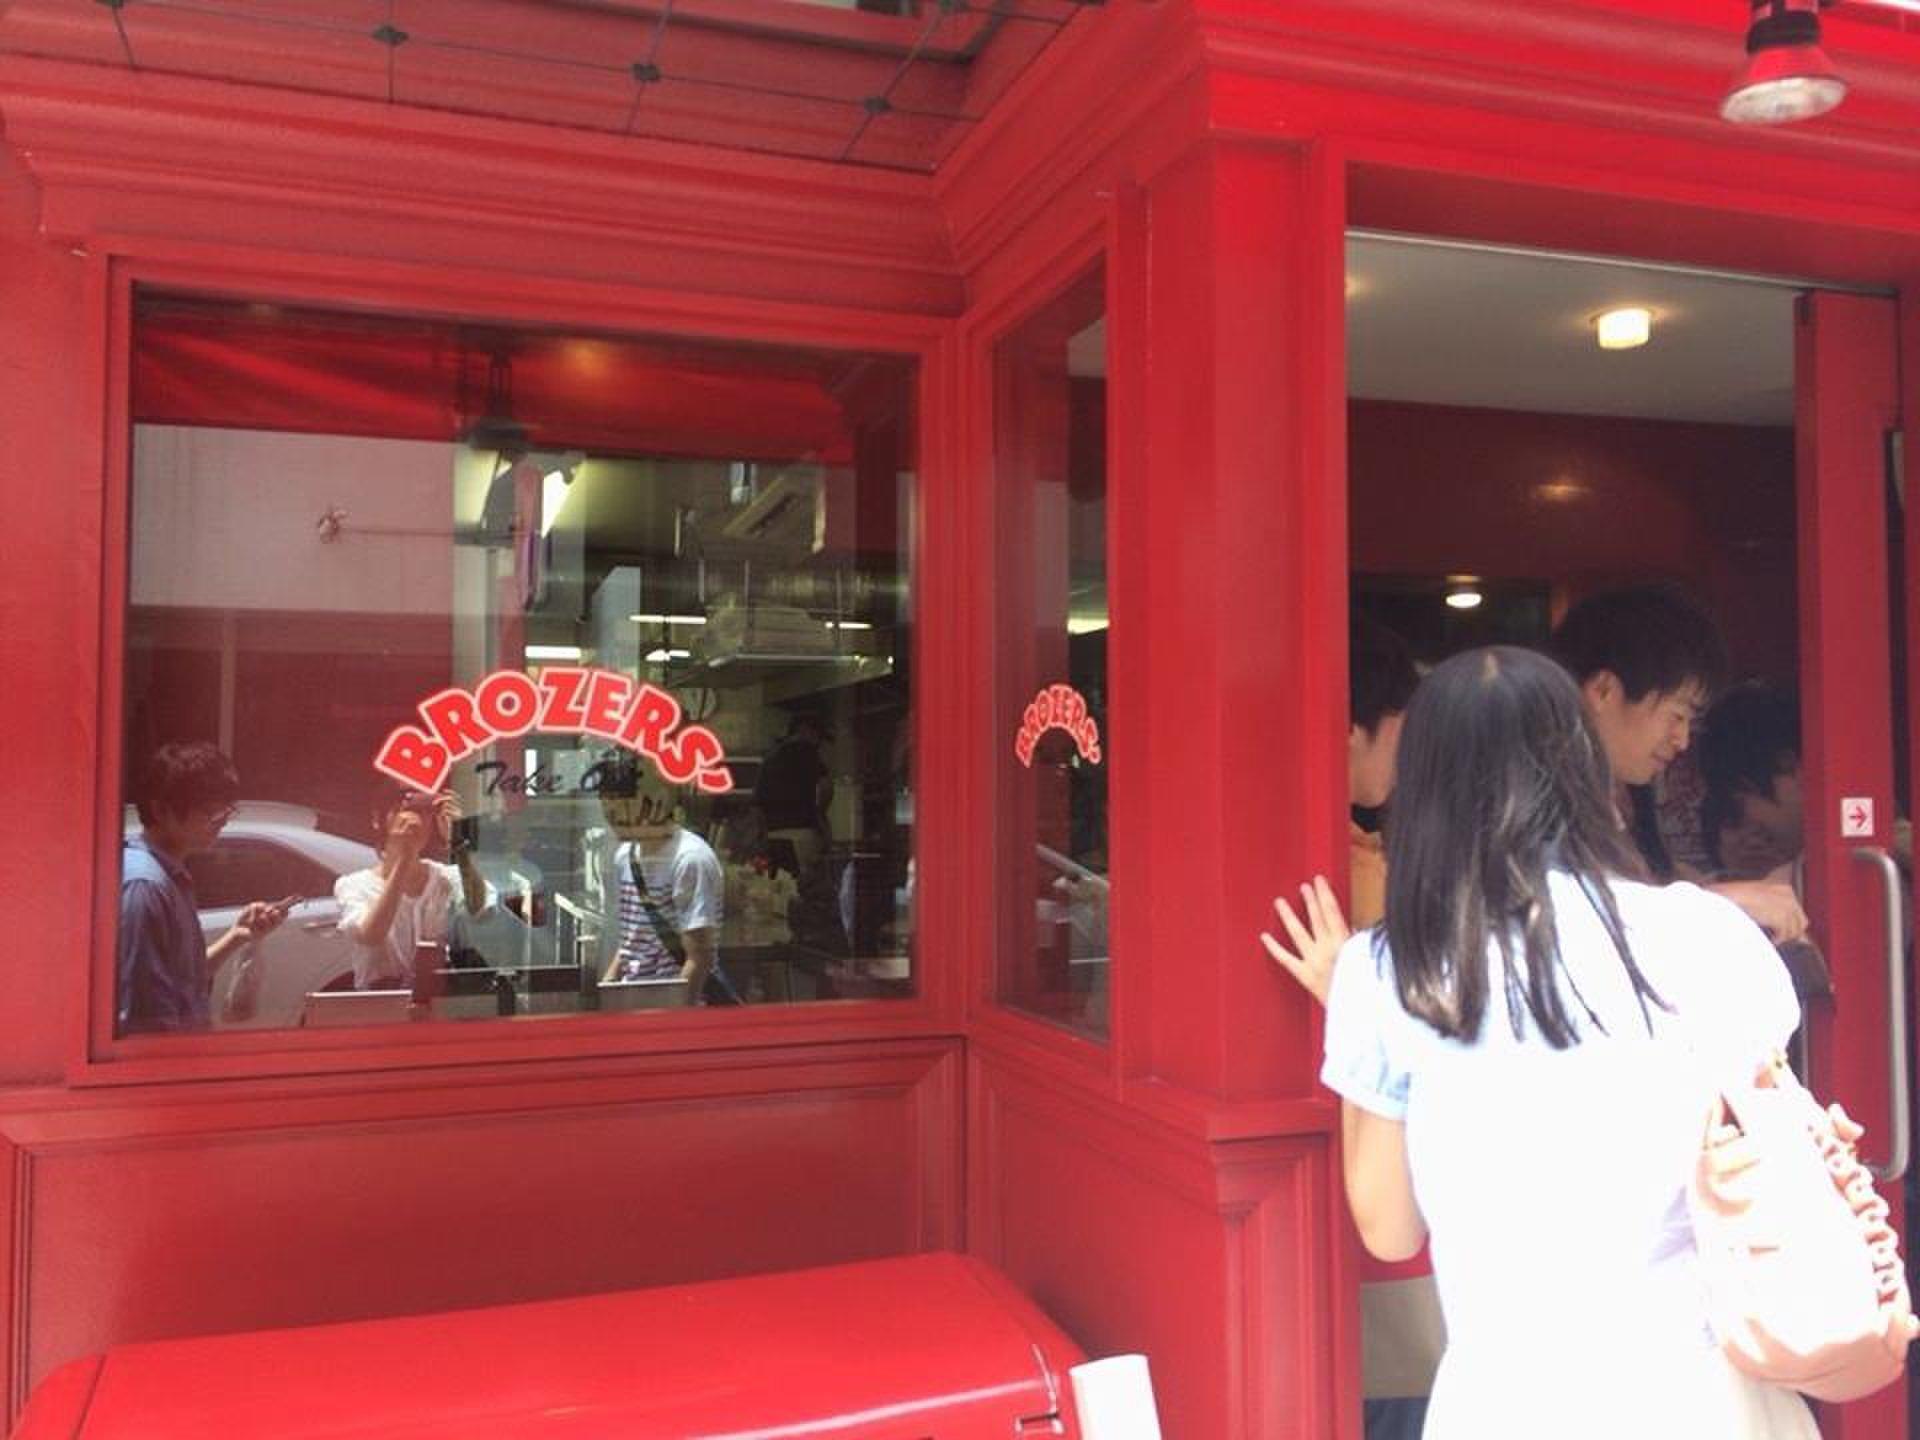 人形町おすすめグルメ!日本一のハンバーガー【ブラザーズ】晴れの日ピクニックコース